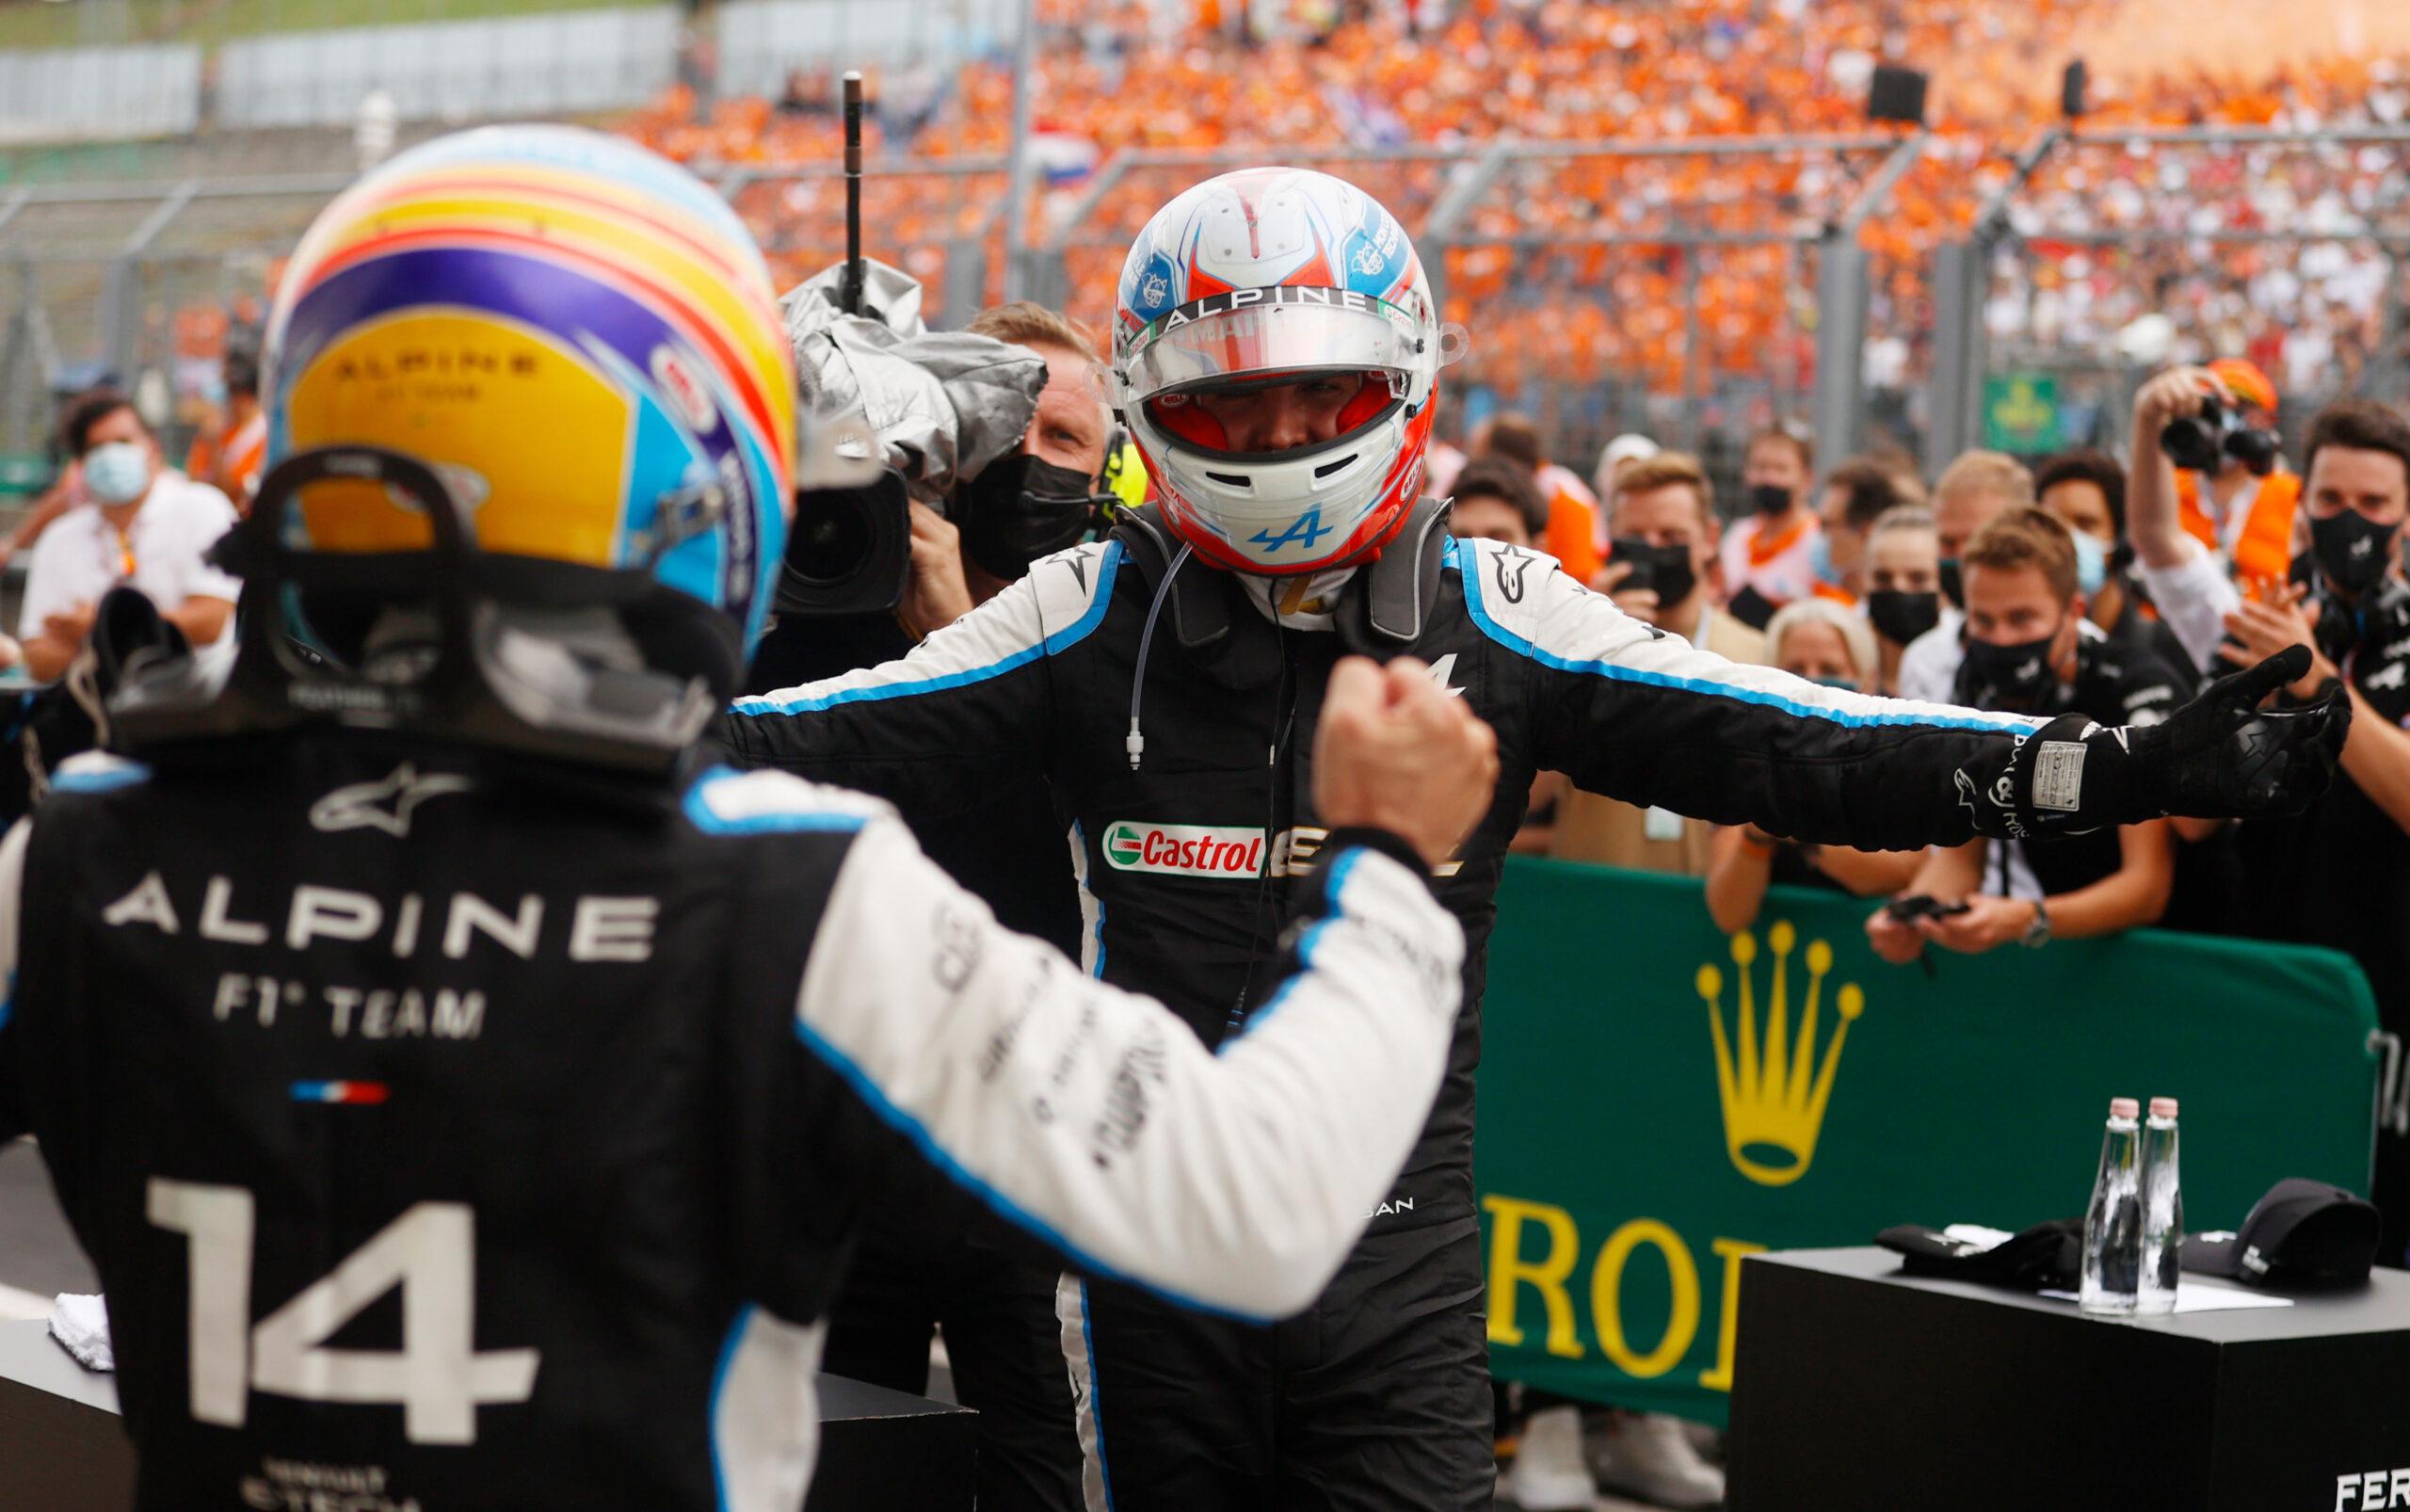 Esteban Ocon F1 Hungarian Grand Prix 2021